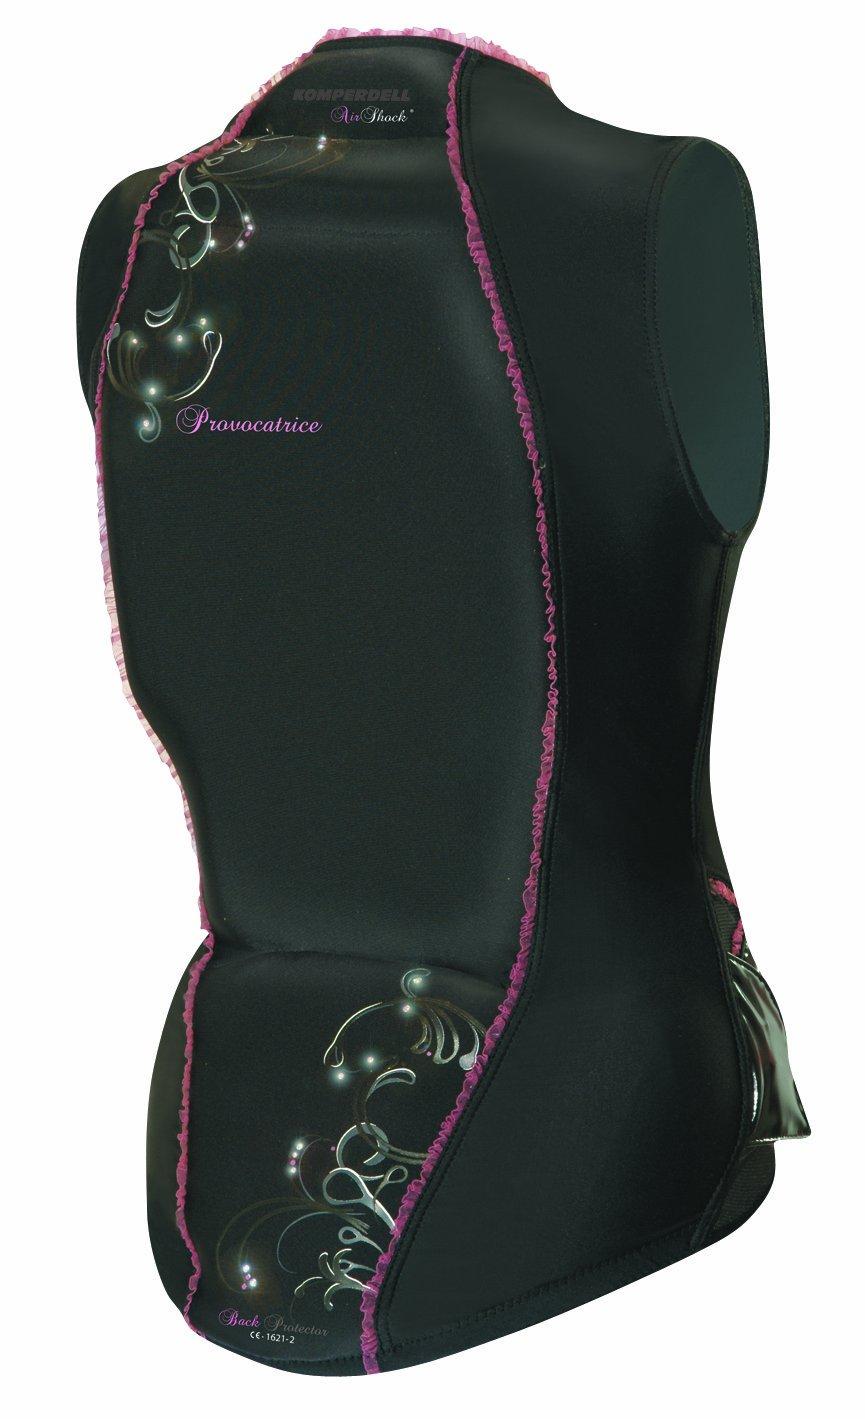 Komperdell Rückenprotektor Provocatrice Top Airshock, schwarz-pink